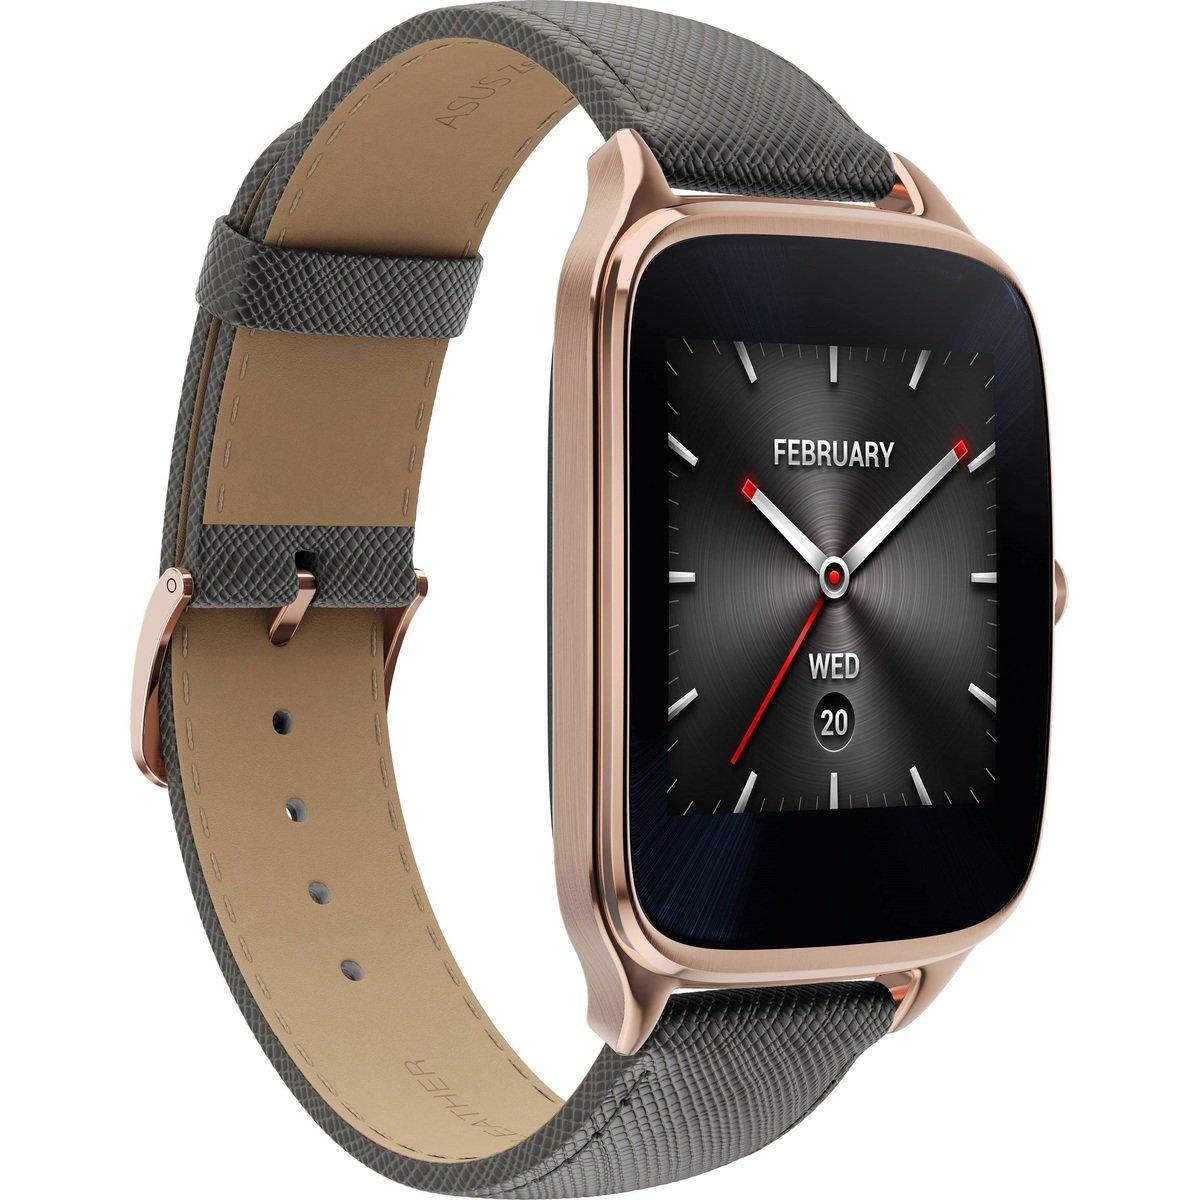 華碩Zenwatch 2 Android 4GB智慧型男裝手錶金色(WI501Q-4LGRY0010)